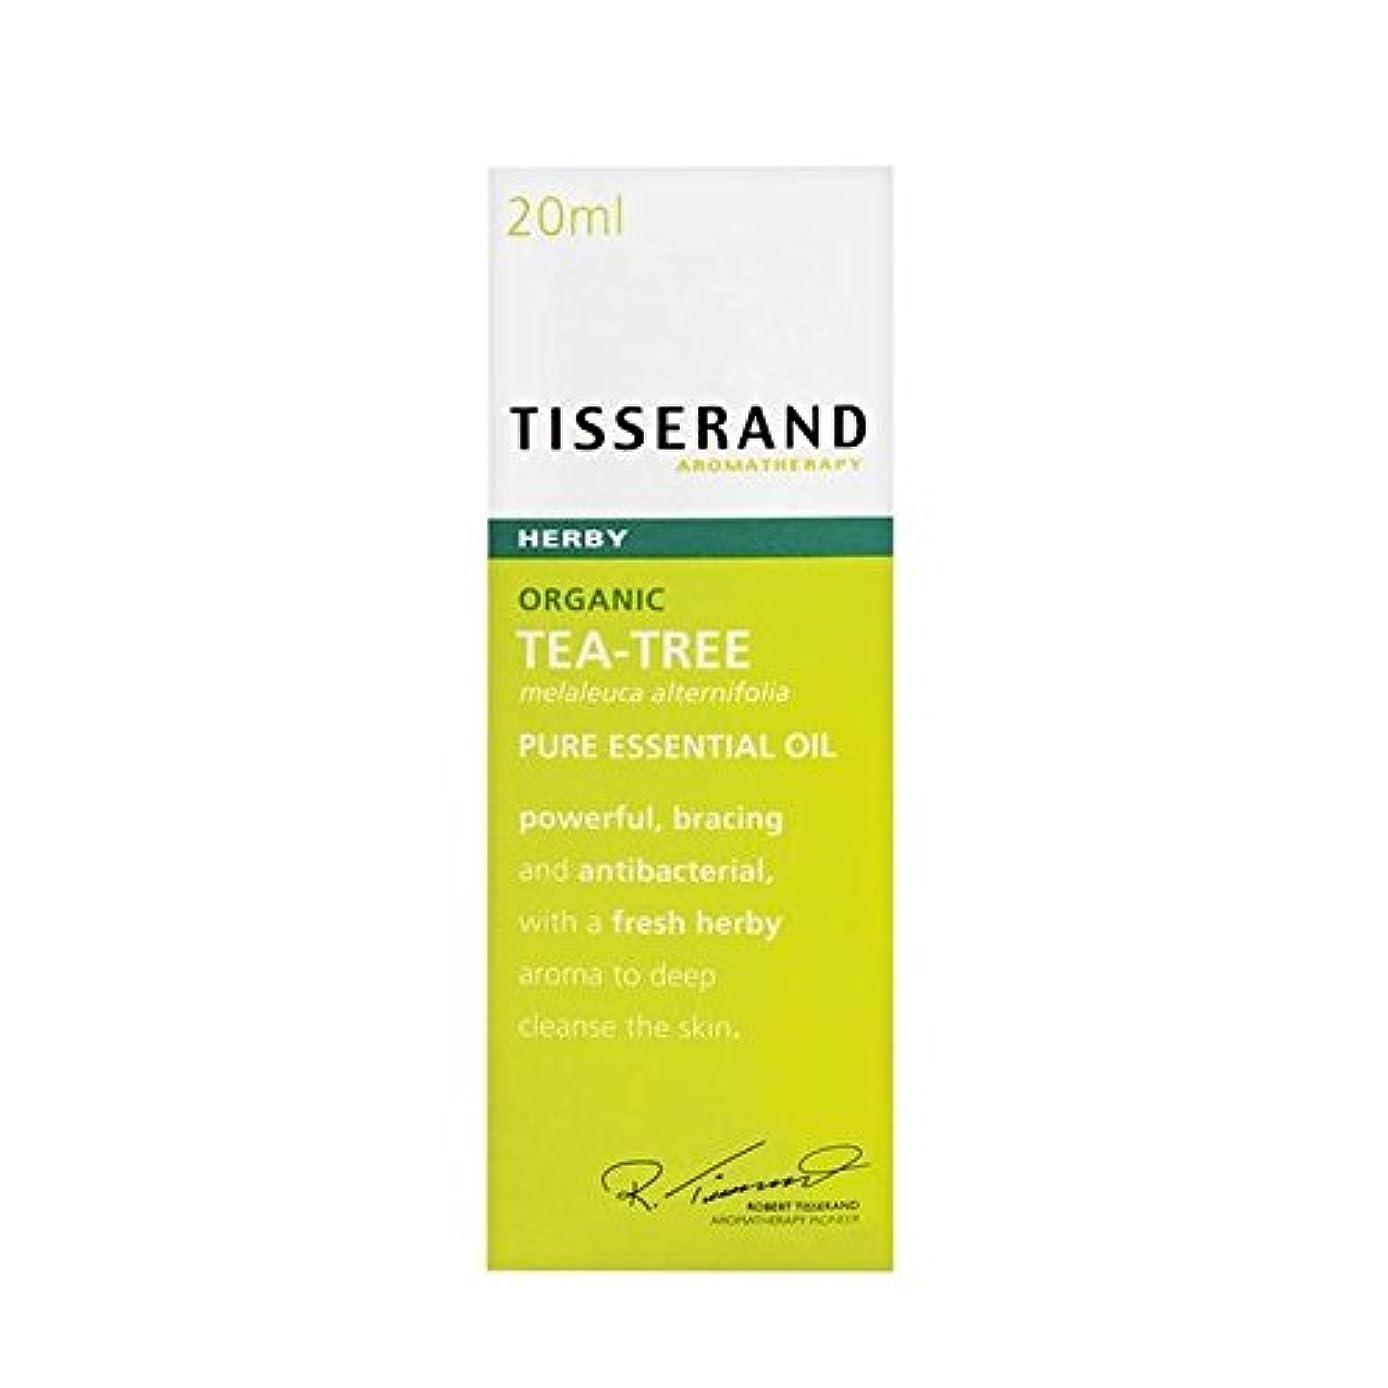 温帯異議アクティビティTisserand Tea Tree Organic Pure Essential Oil 20ml (Pack of 6) - ティスランドティーツリーオーガニックピュアエッセンシャルオイル20ミリリットル x6 [並行輸入品]